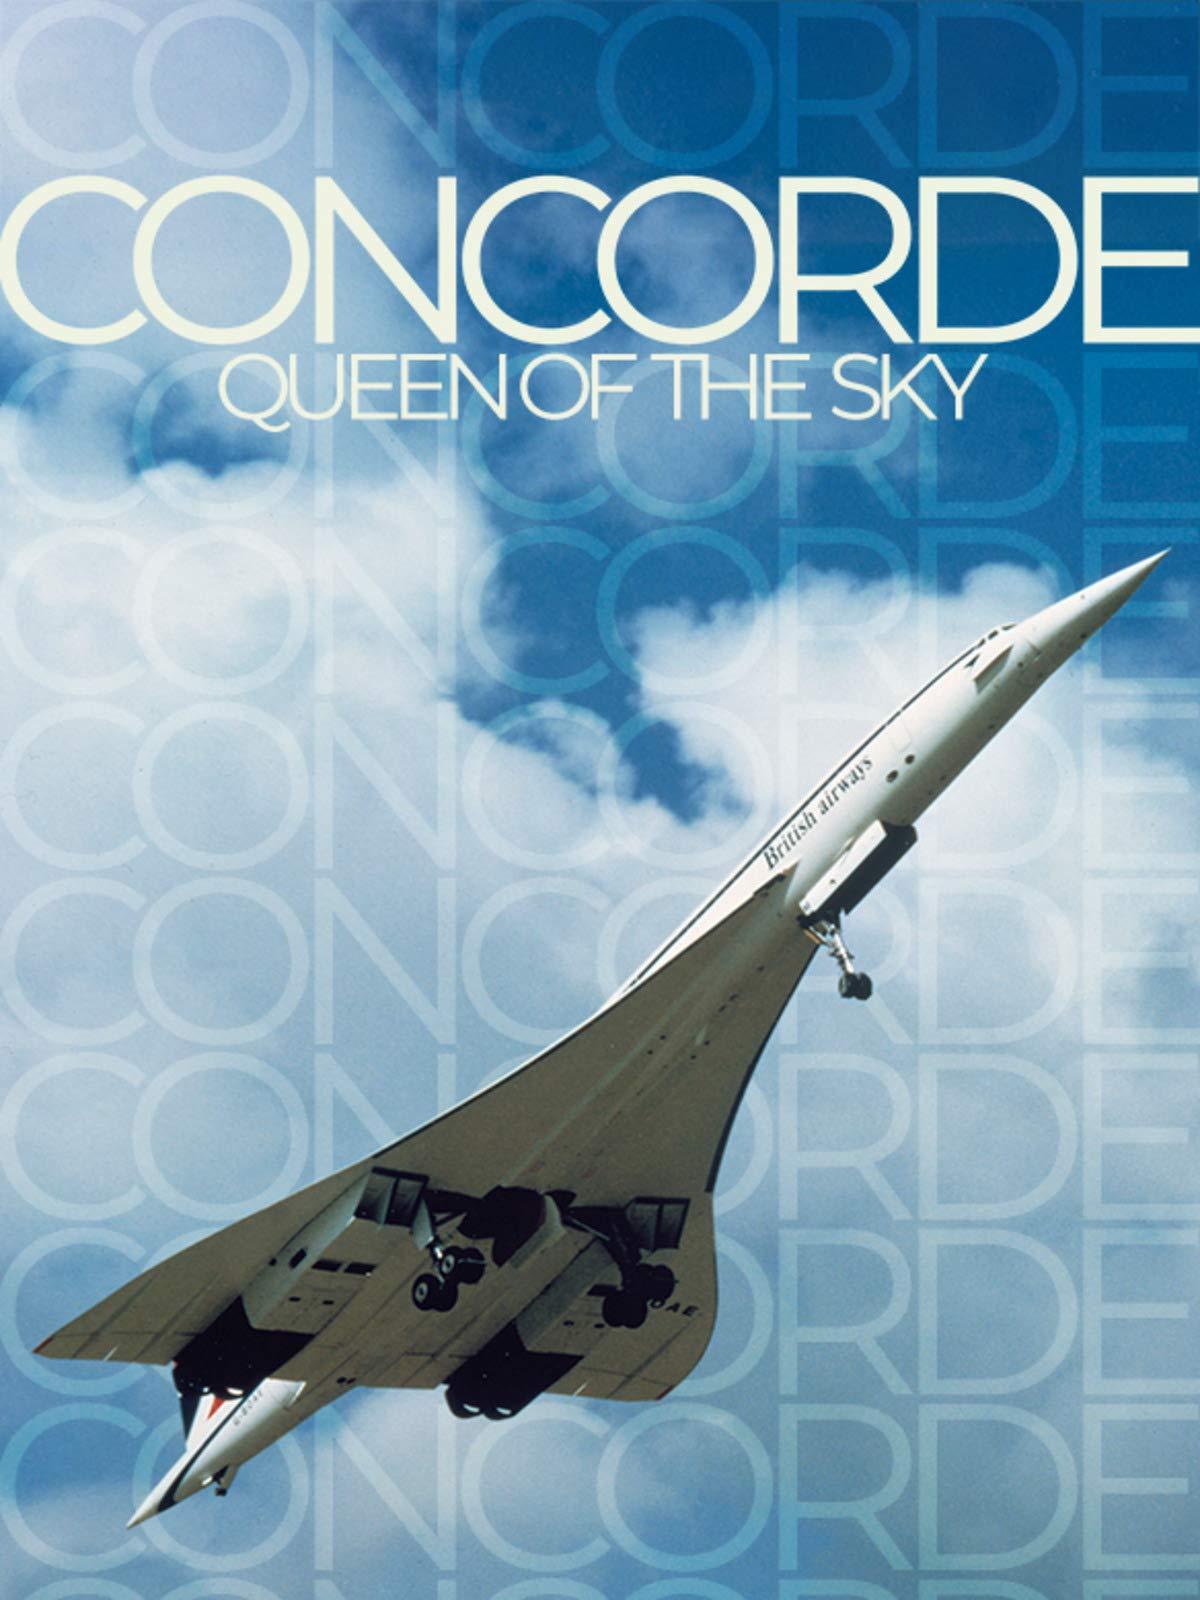 Concorde: Queen of the Sky